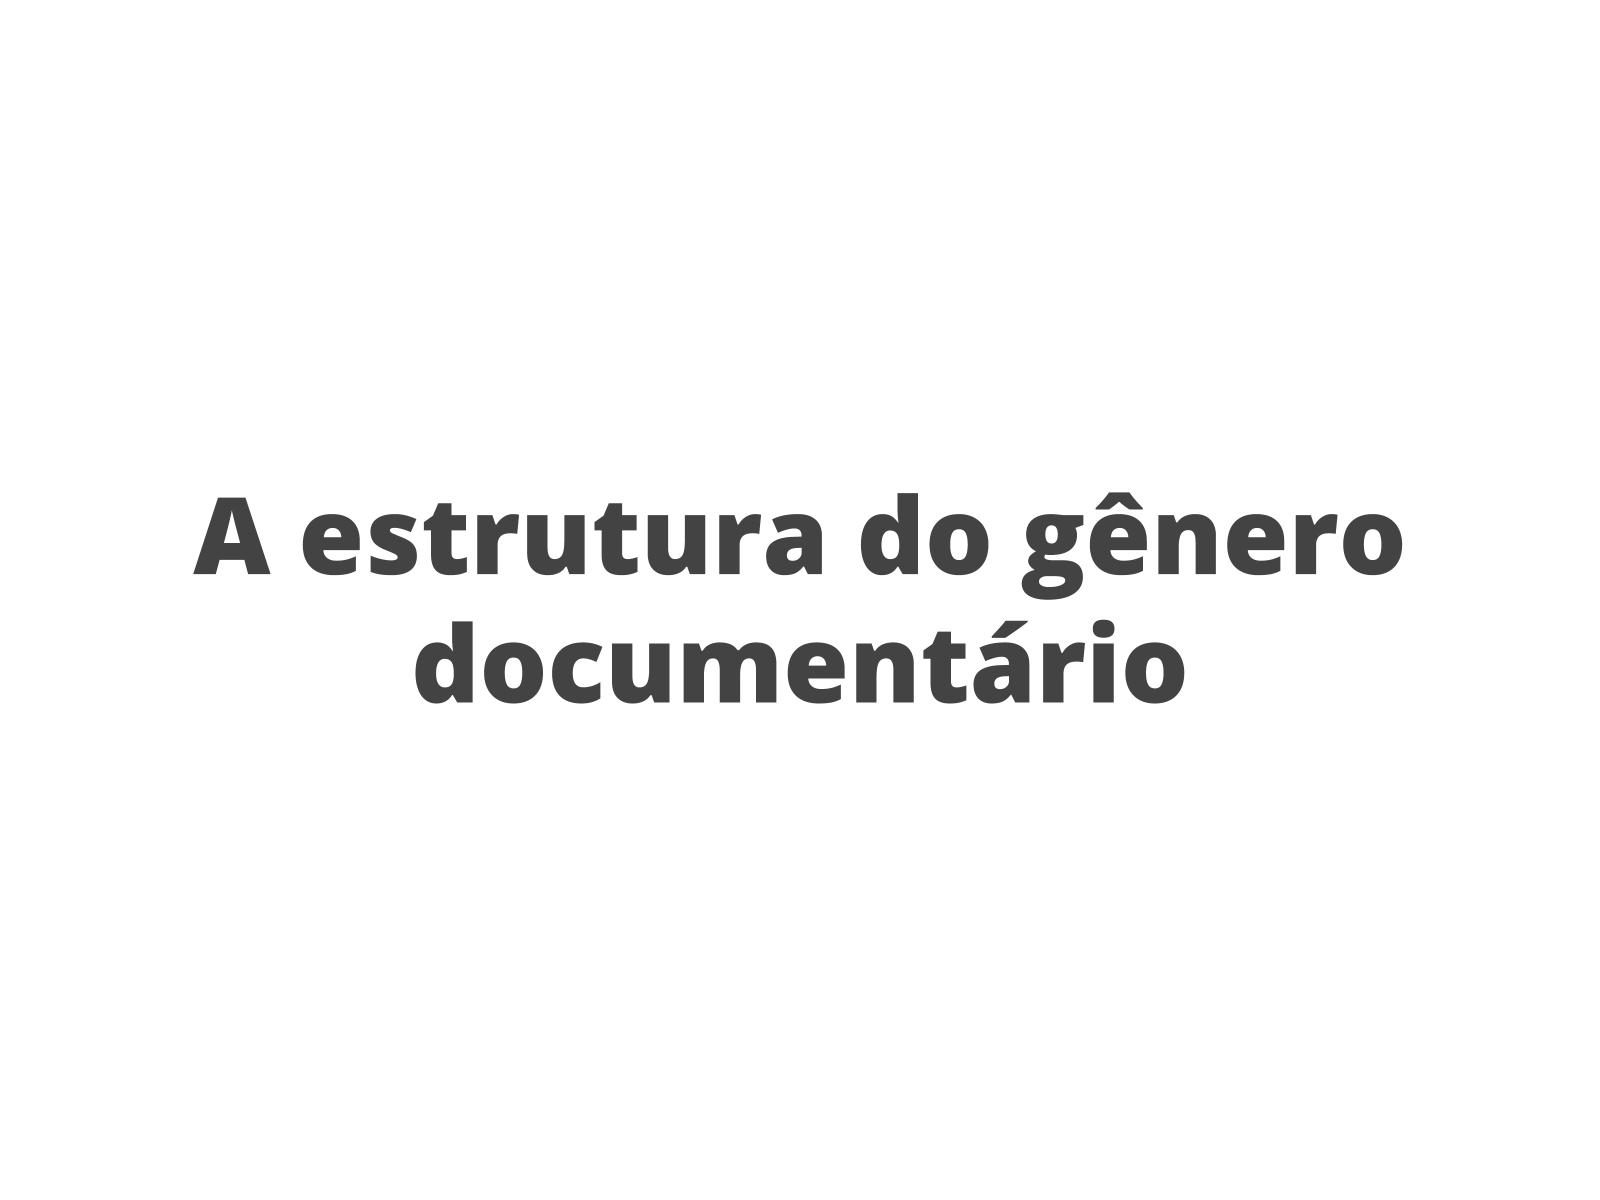 Construção composicional do gênero documentário: começo, meio e fim